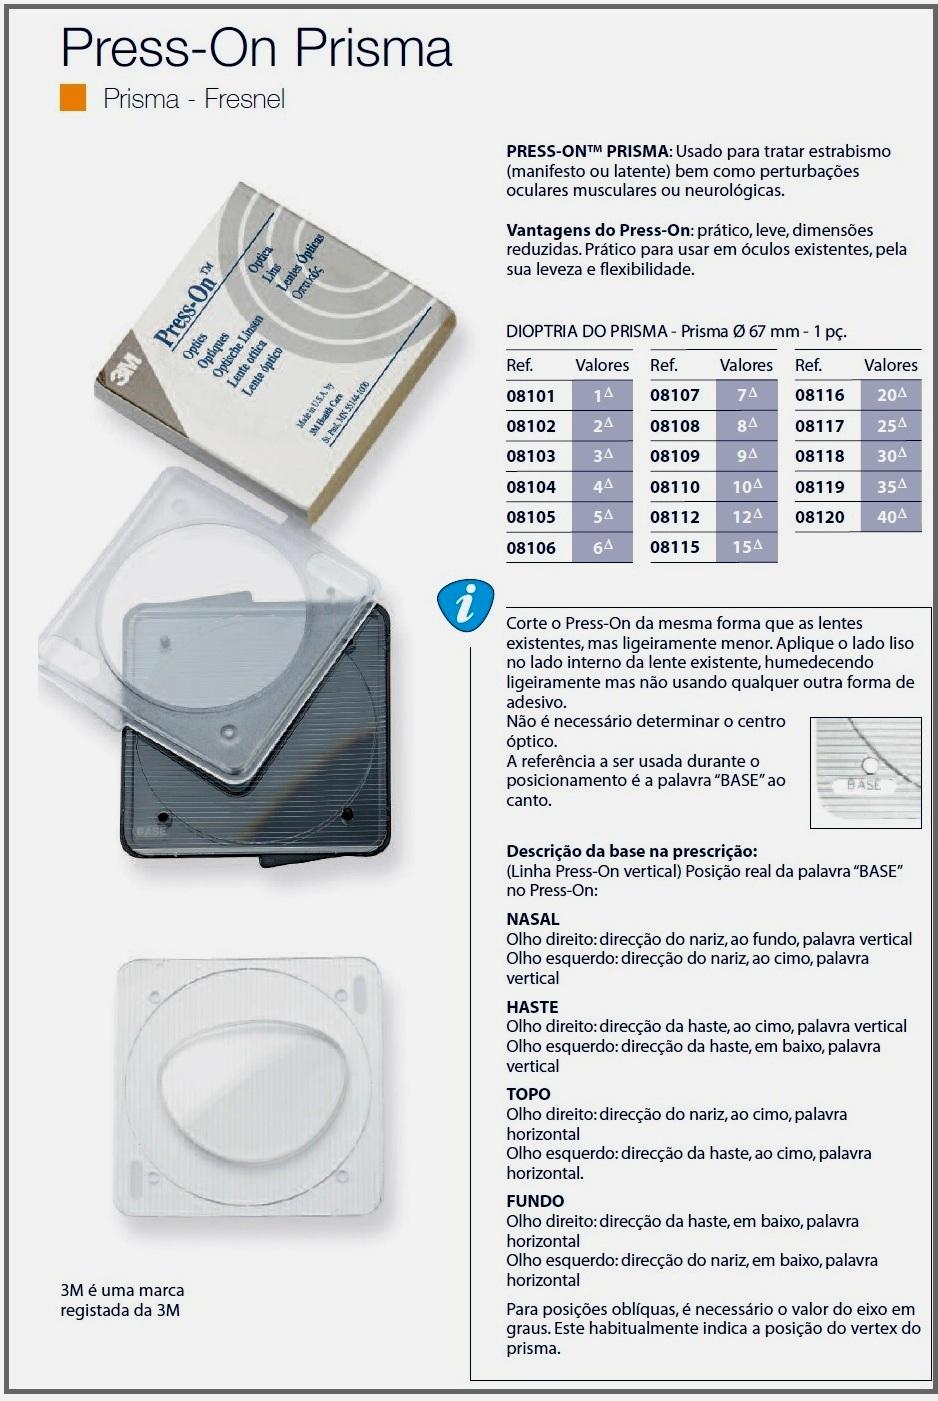 0208110-CorreçãoVisual Press-On Prisma 10 Mod 8110 FLAG E - Contém 1 Peça  - SOB ENCOMENDA